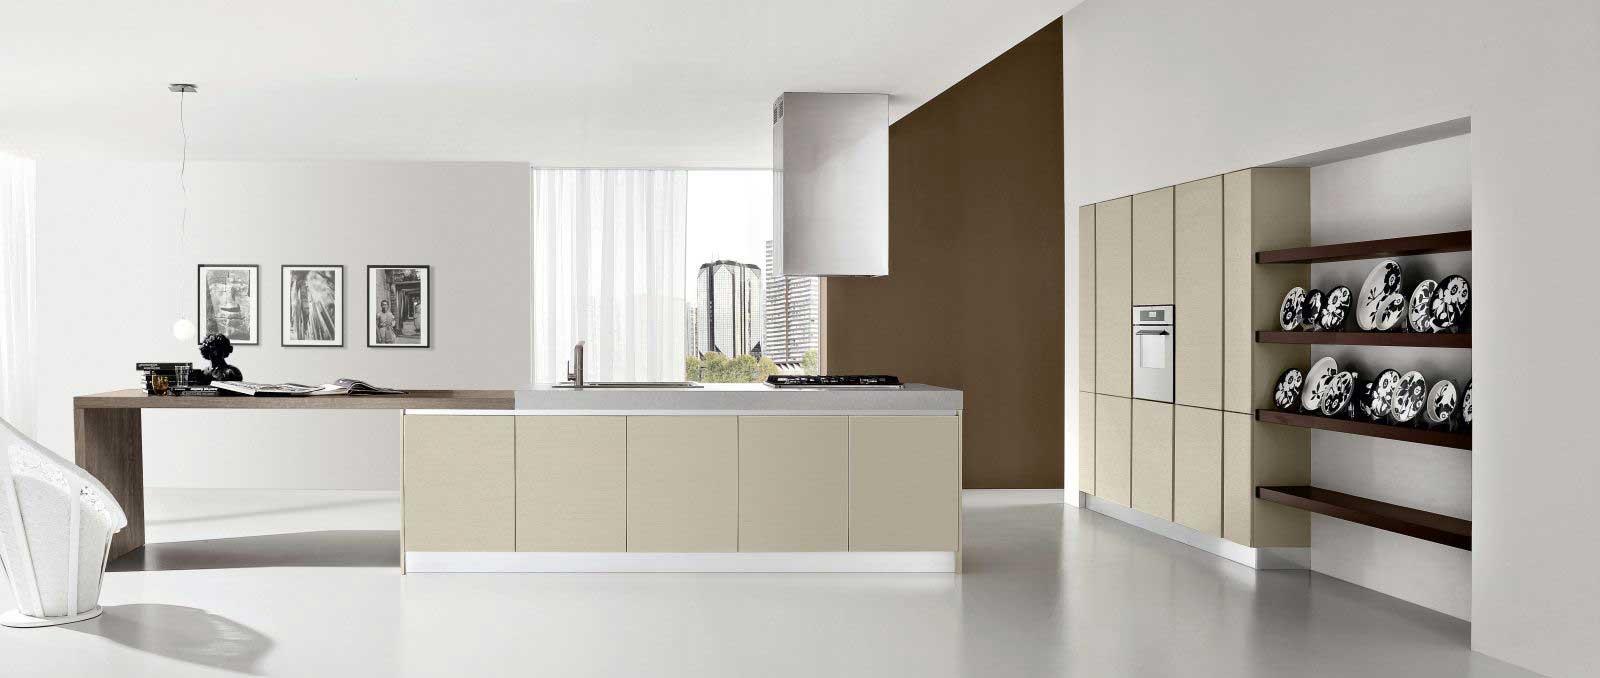 Cette cuisine est l'équilibre parfait entre beauté et fonctionnalité.